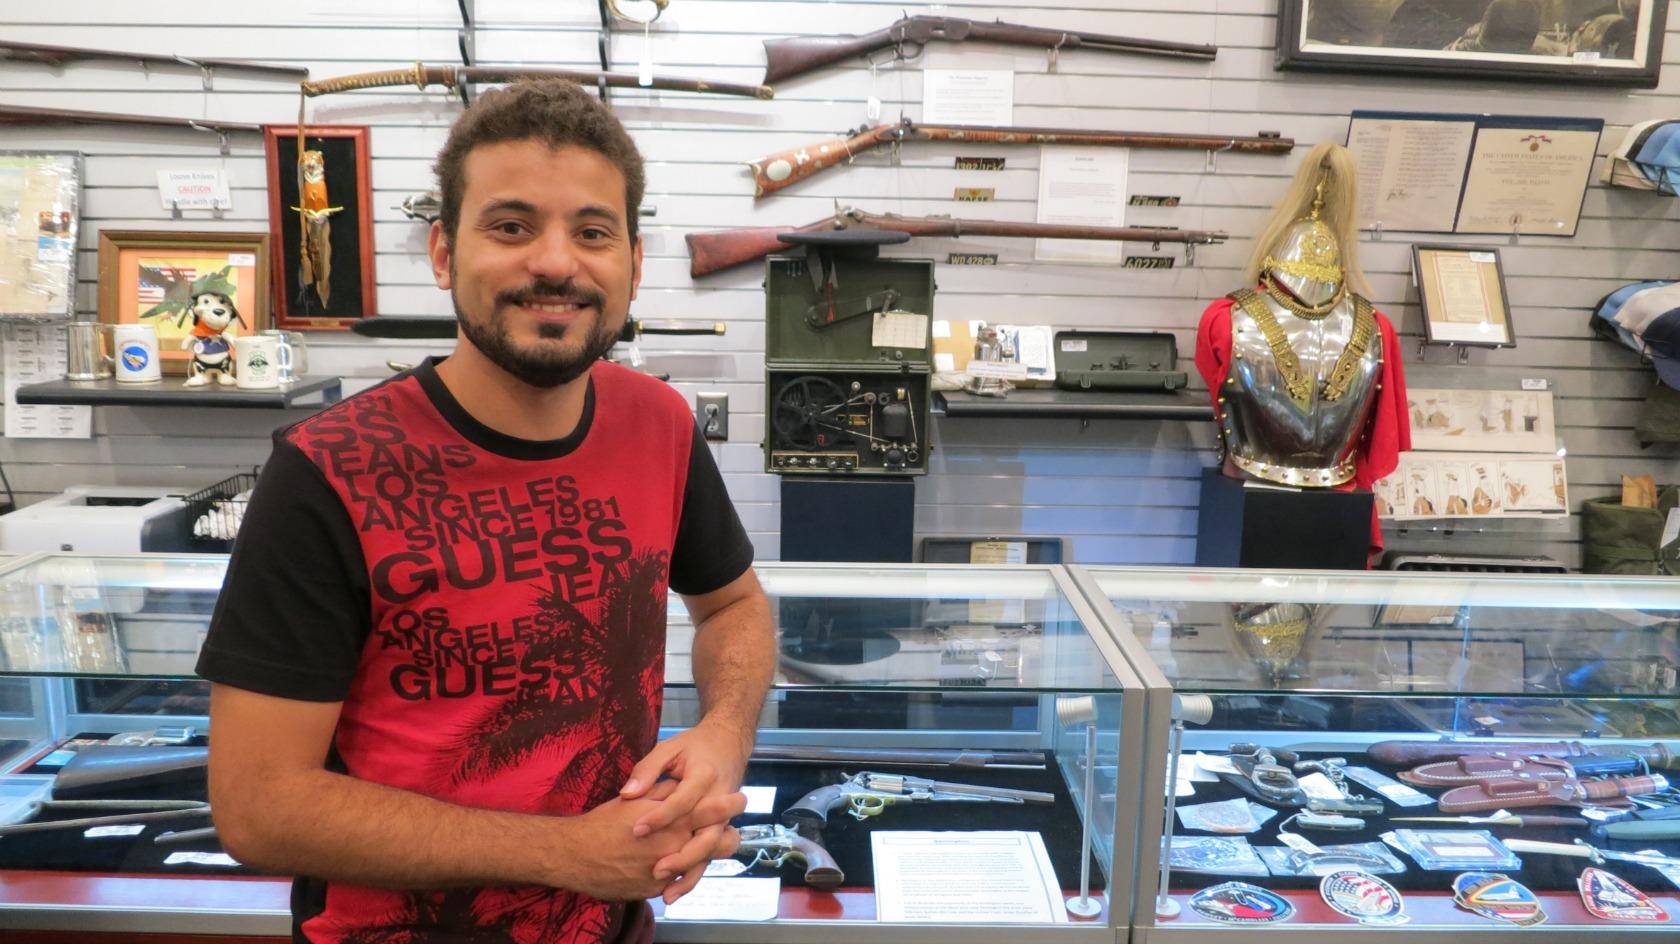 Armas da Loja de Penhores do Trato Feito em Las Vegas